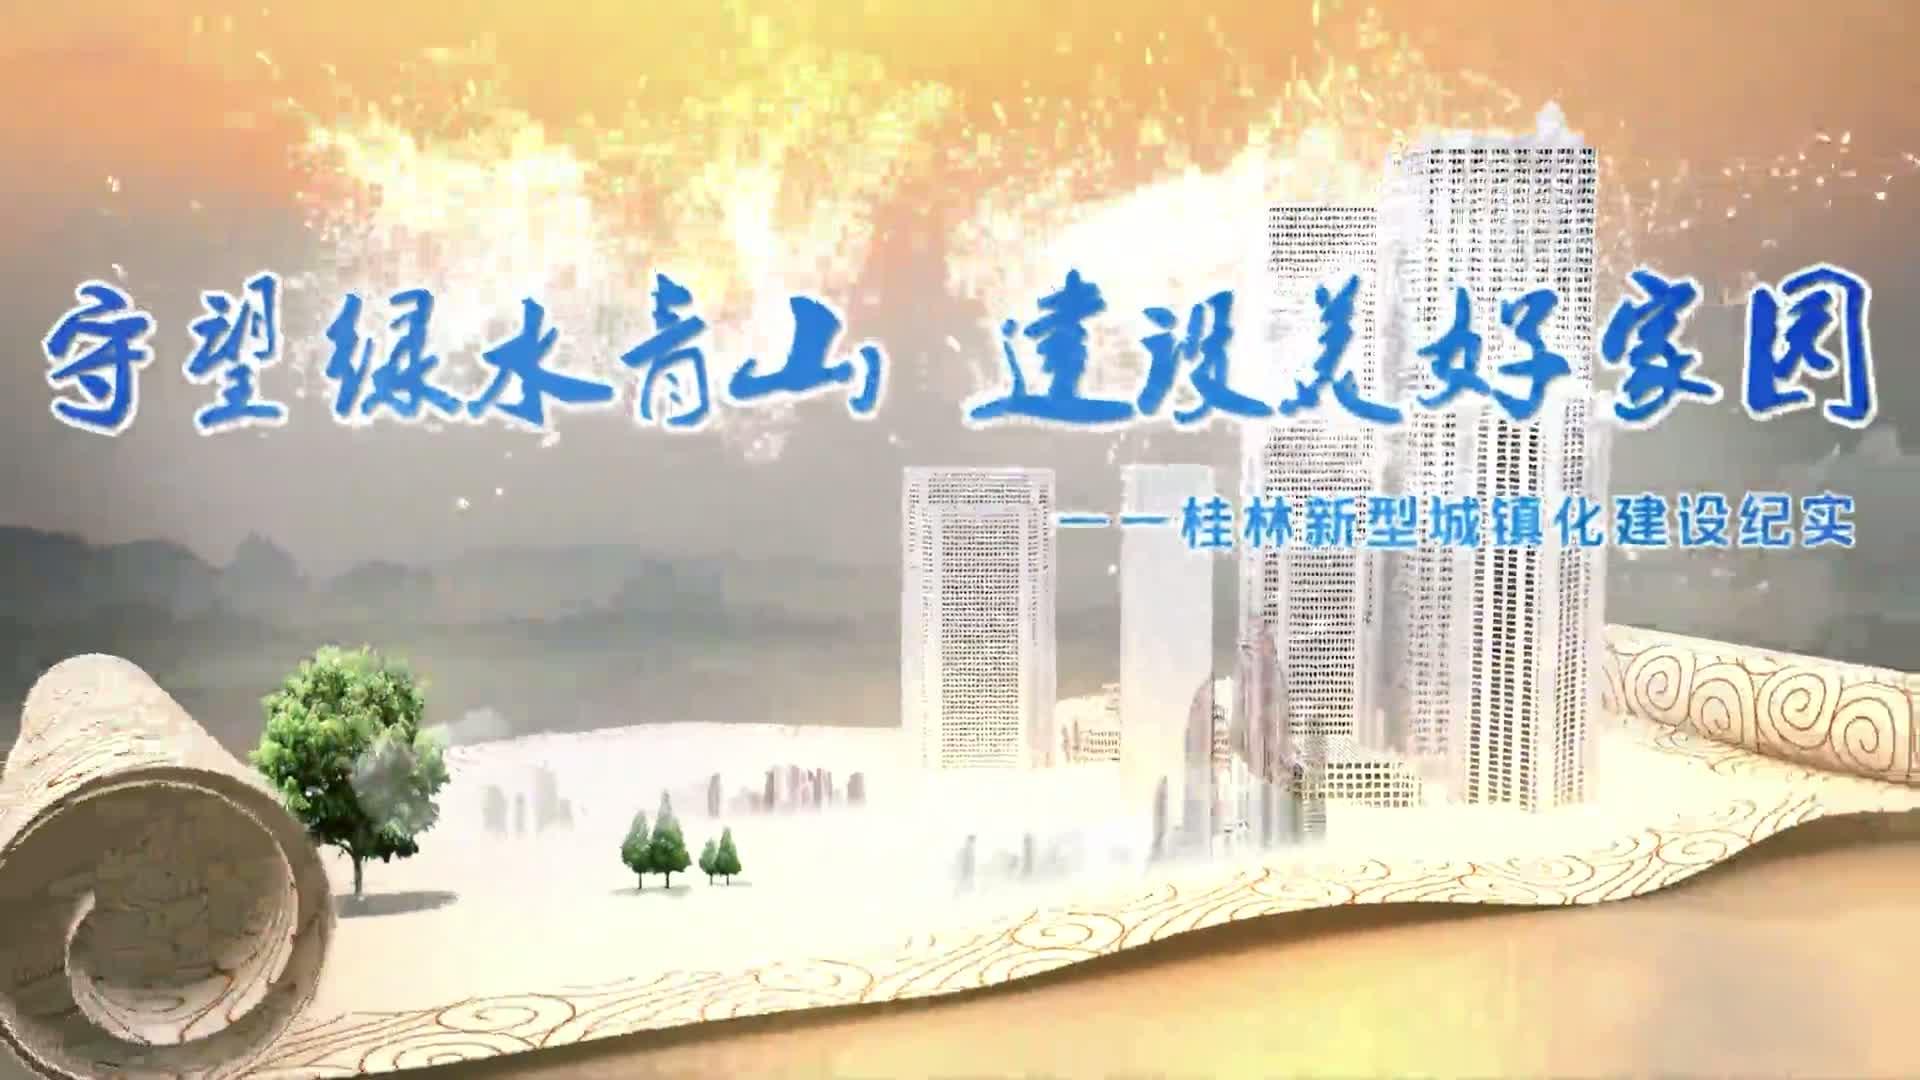 【視頻】守望綠水青山 建設美好家園——桂林新型城鎮化建設紀實